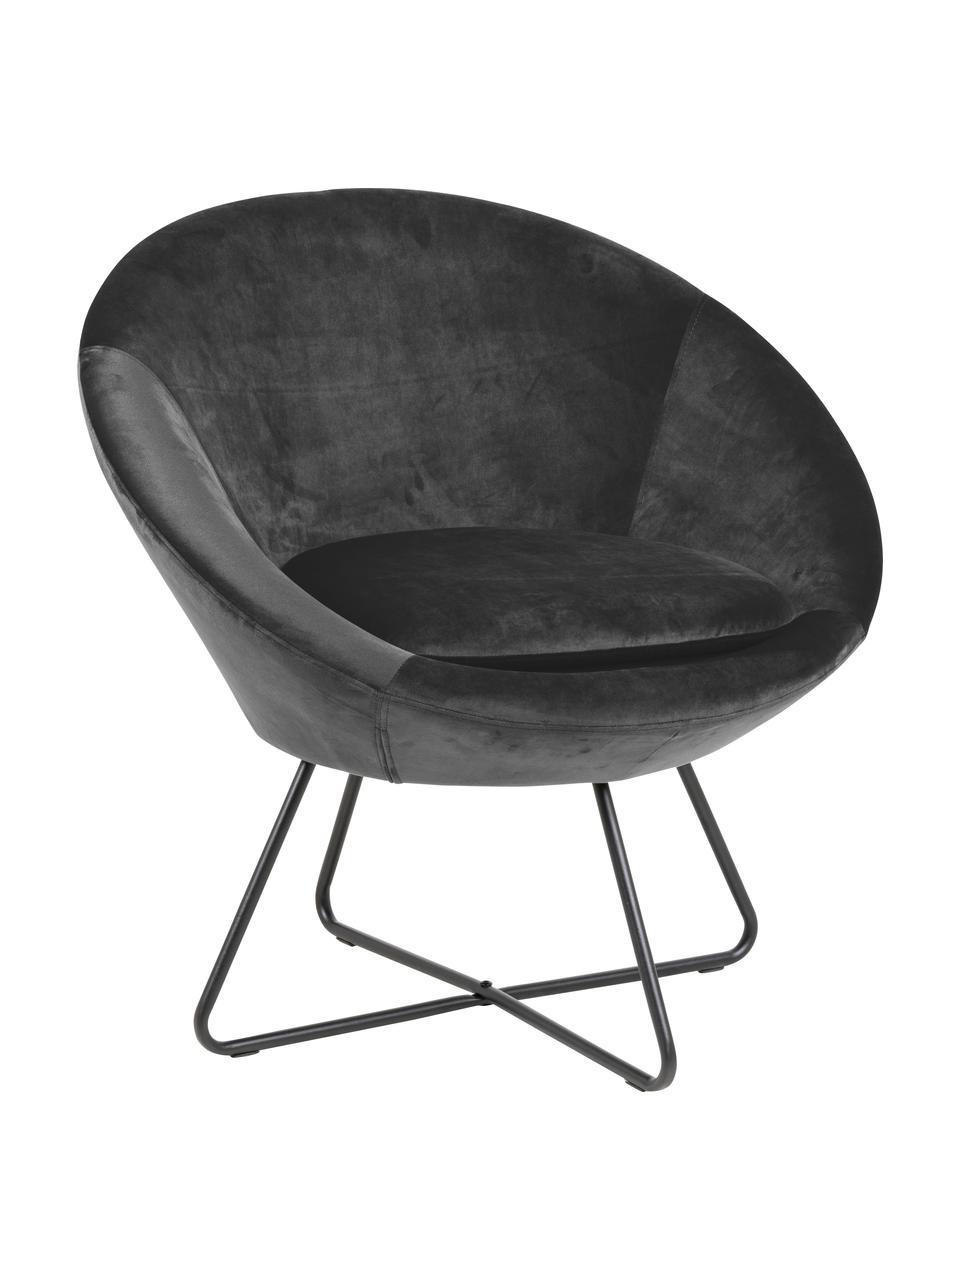 Fotel koktajlowy z aksamitu Center, Tapicerka: aksamit poliestrowy Dzięk, Aksamitny ciemny szary, S 82 x G 71 cm